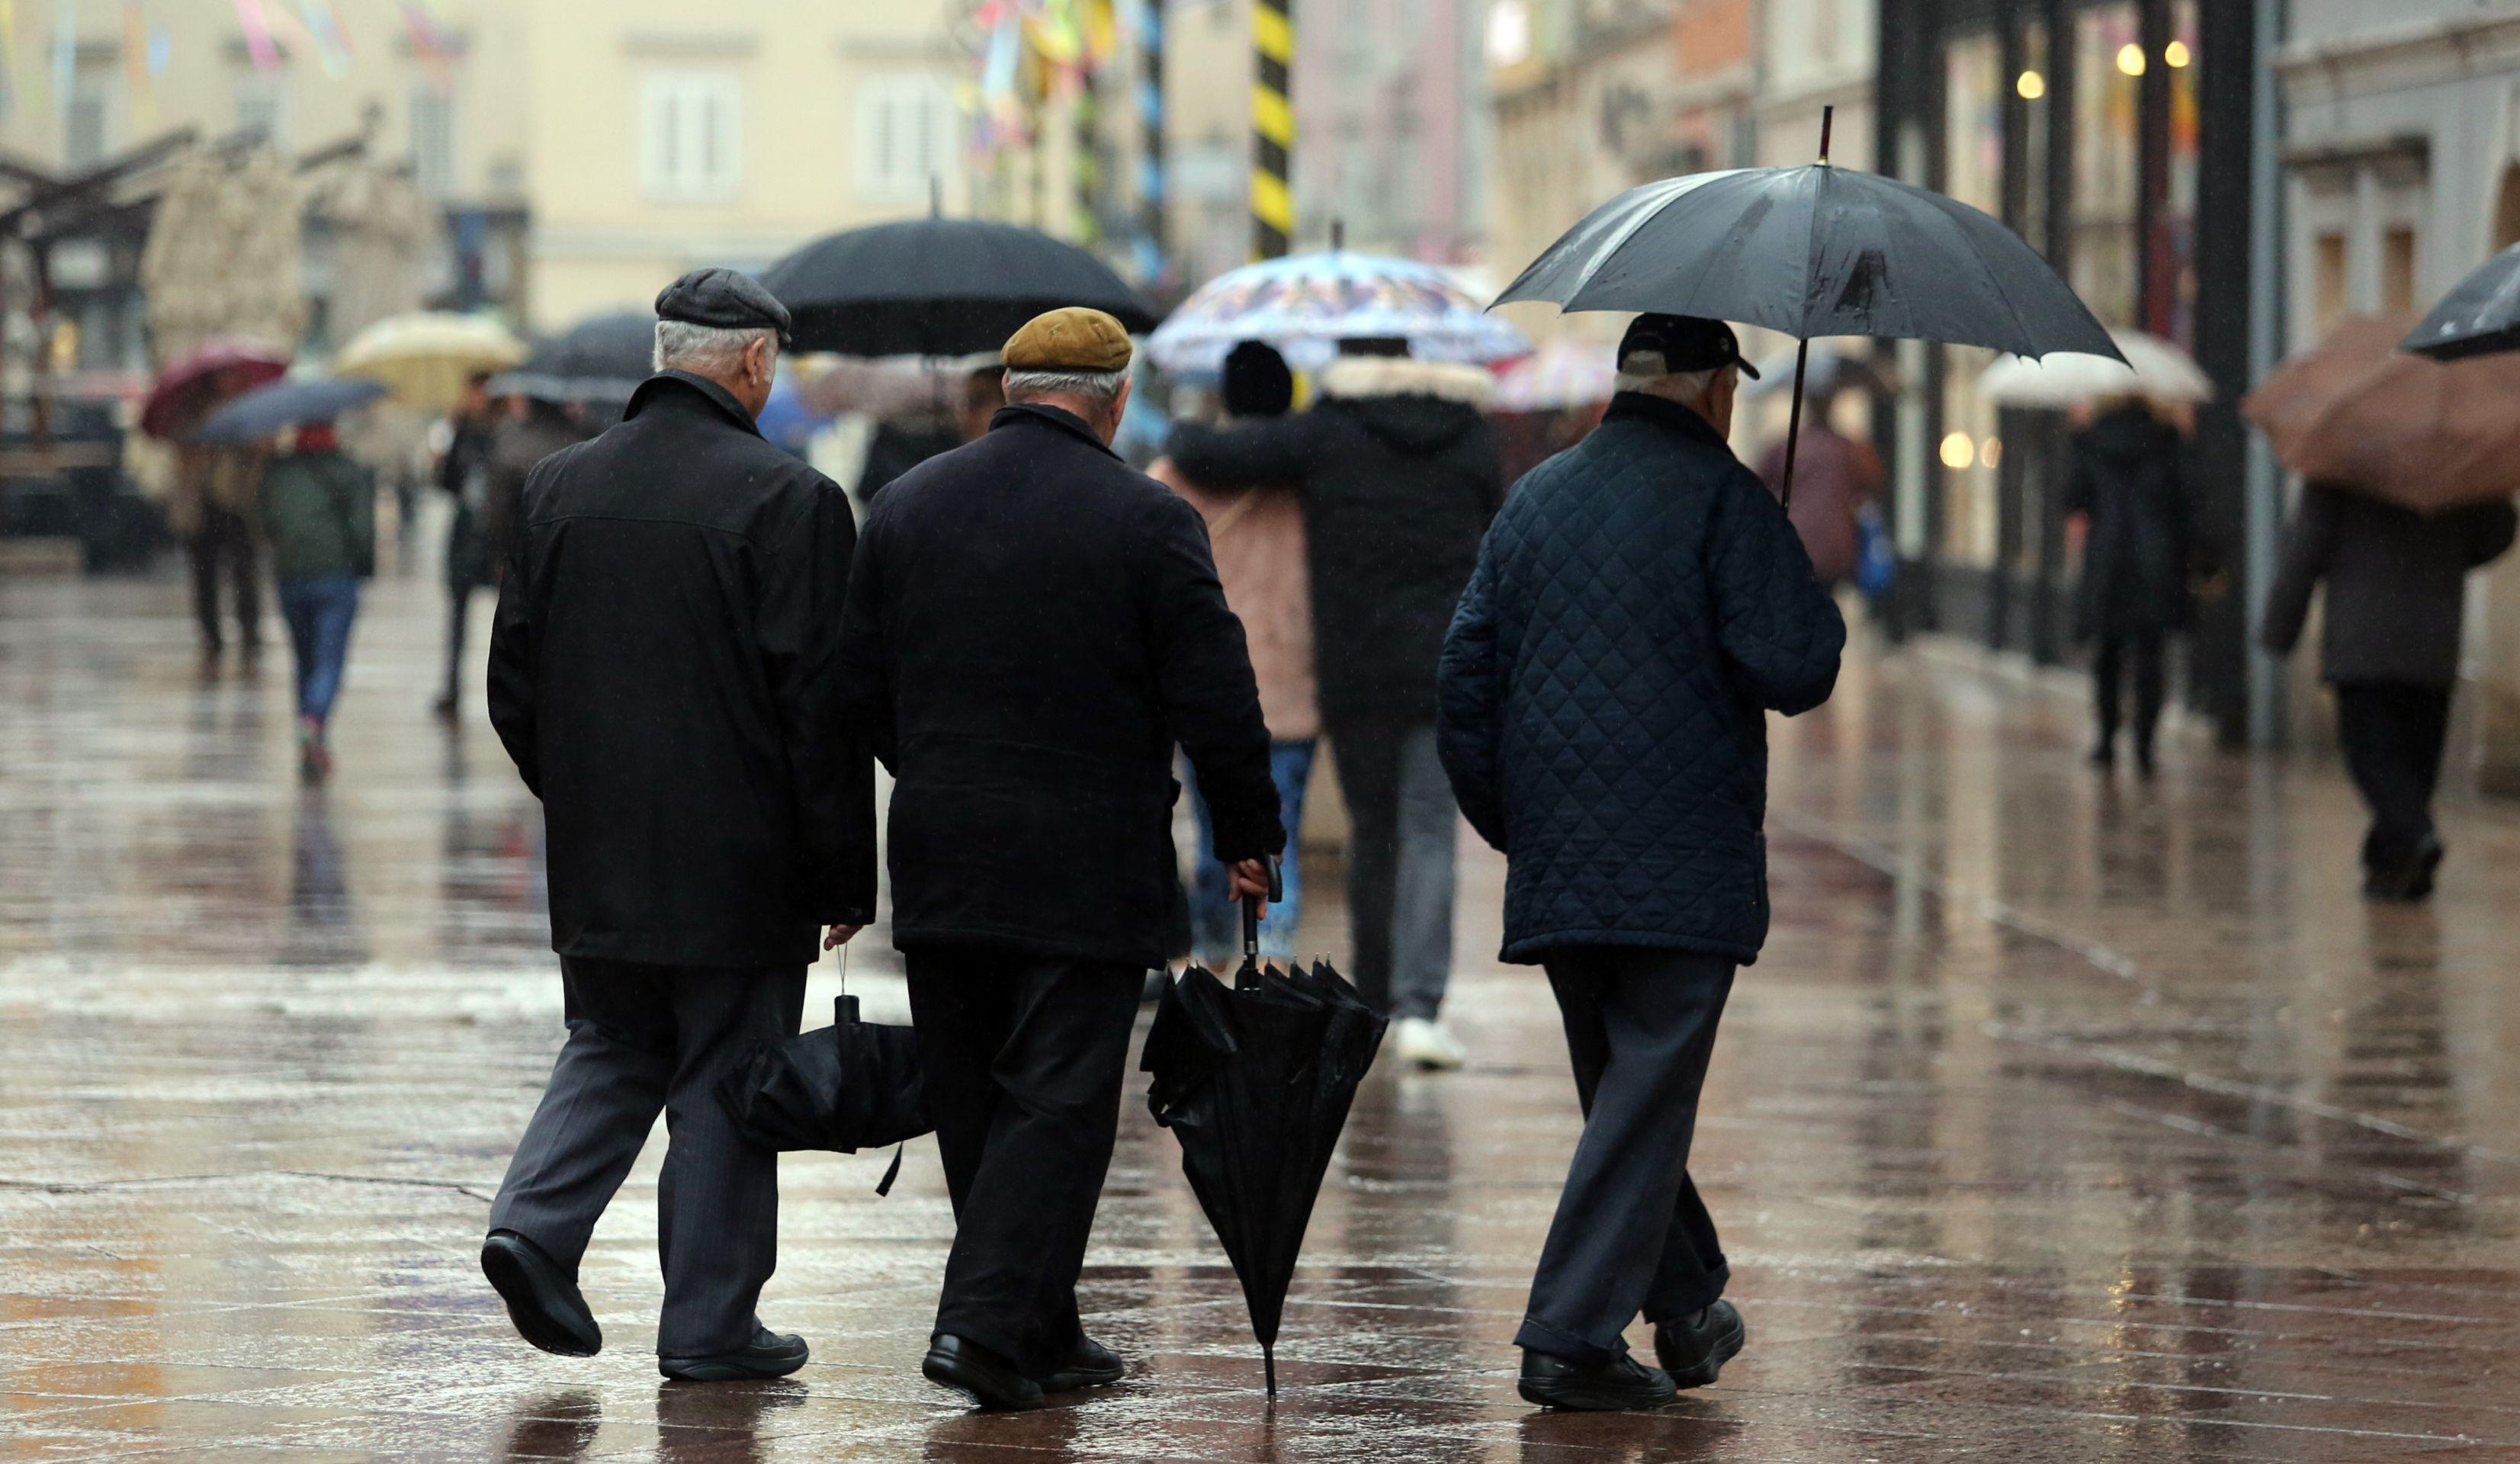 VRIJEME Oblačno s kišom, poslijepodne moguć i snijeg